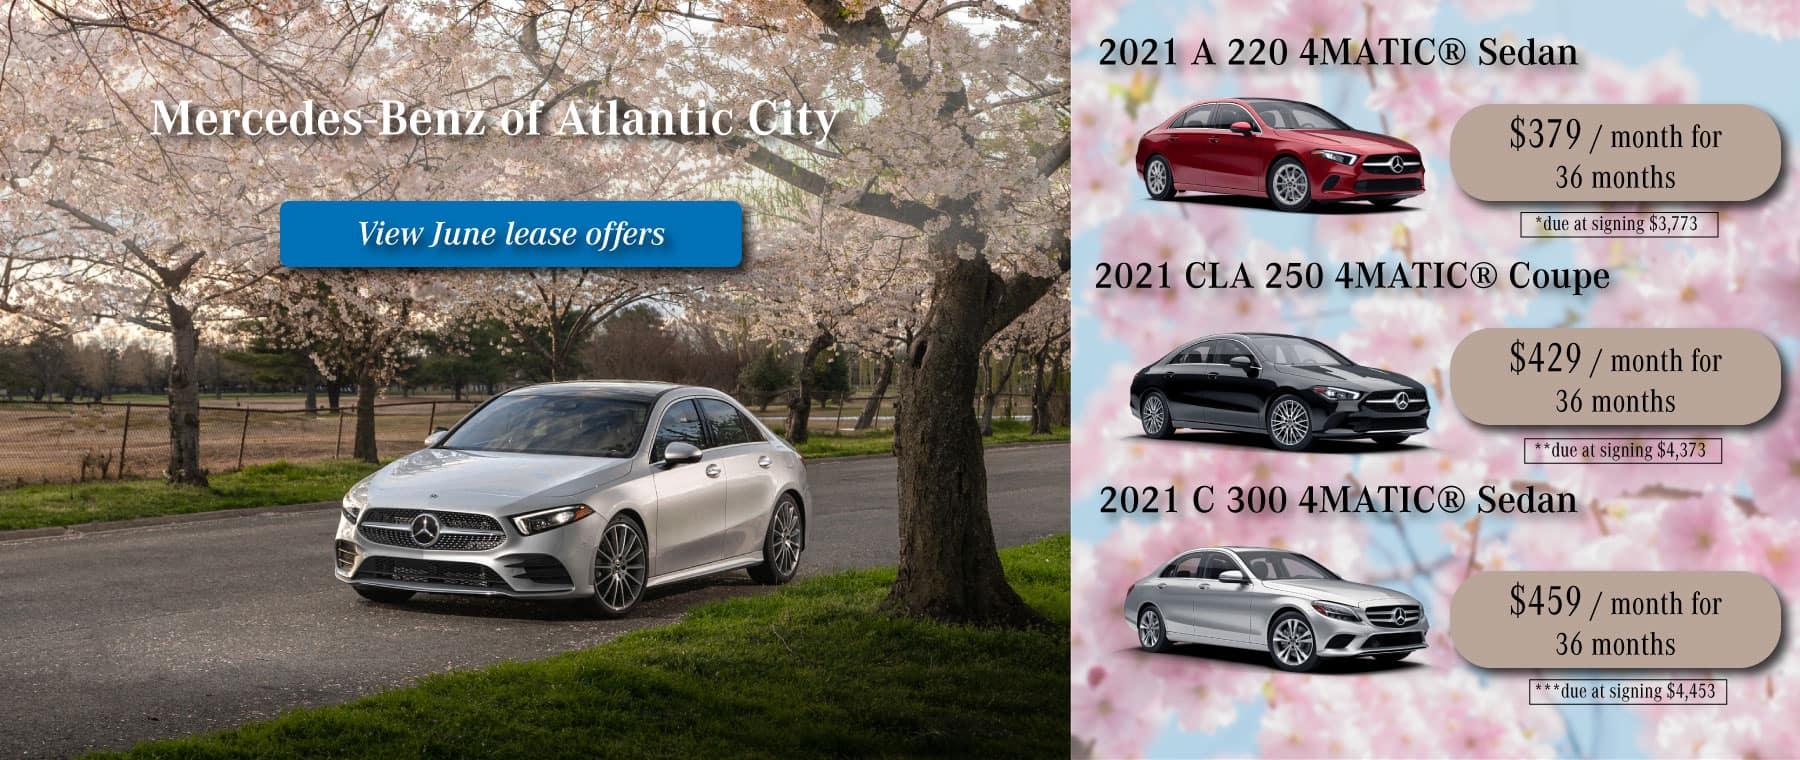 Mercedes-Benz of Atlantic City new 2021 lease specials